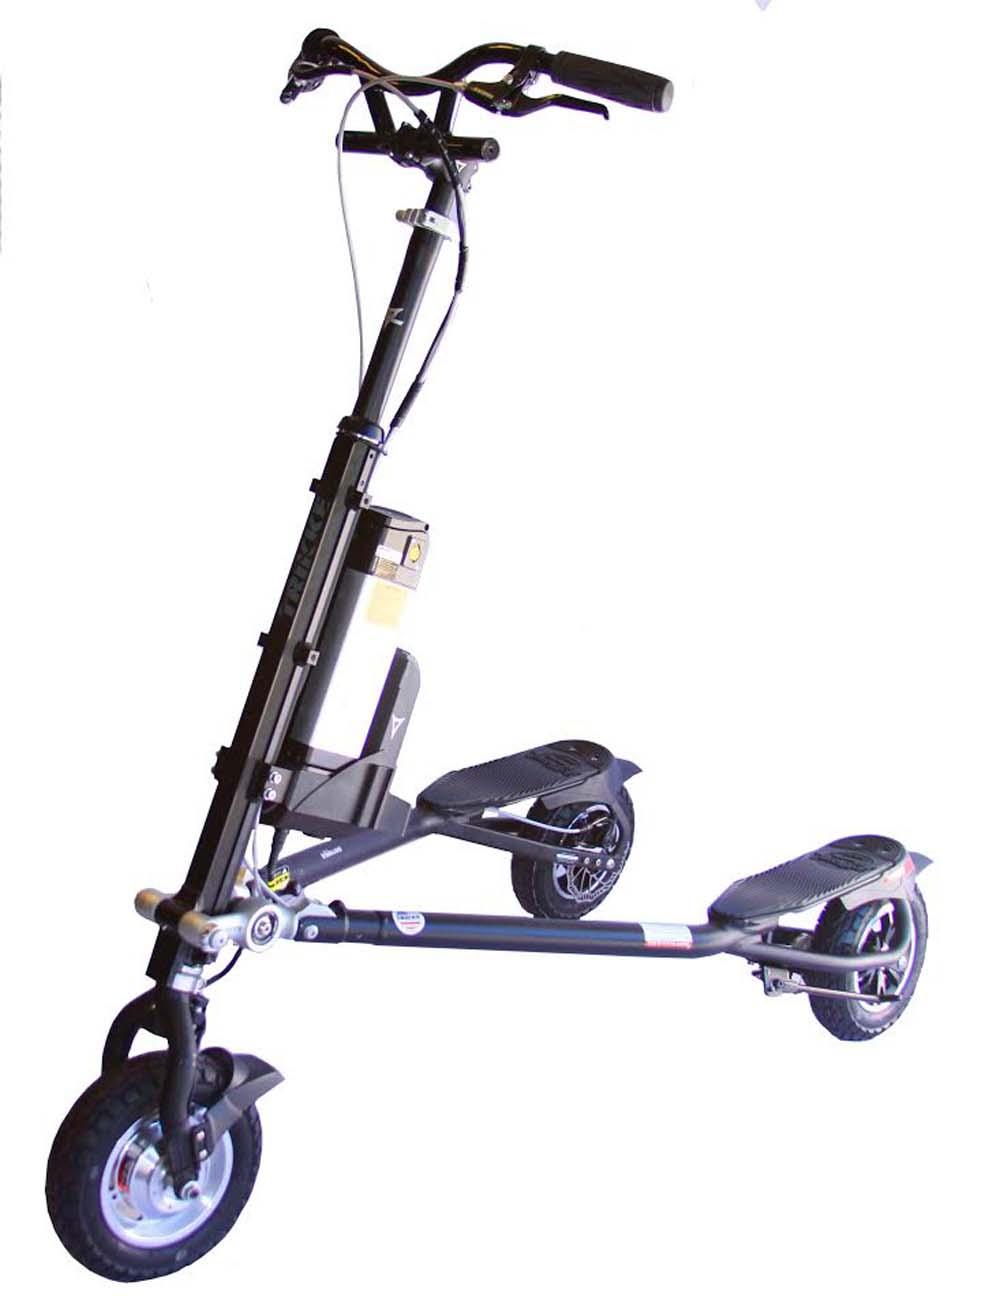 trikke lite pon e electric scooter 36v with battery ebay. Black Bedroom Furniture Sets. Home Design Ideas